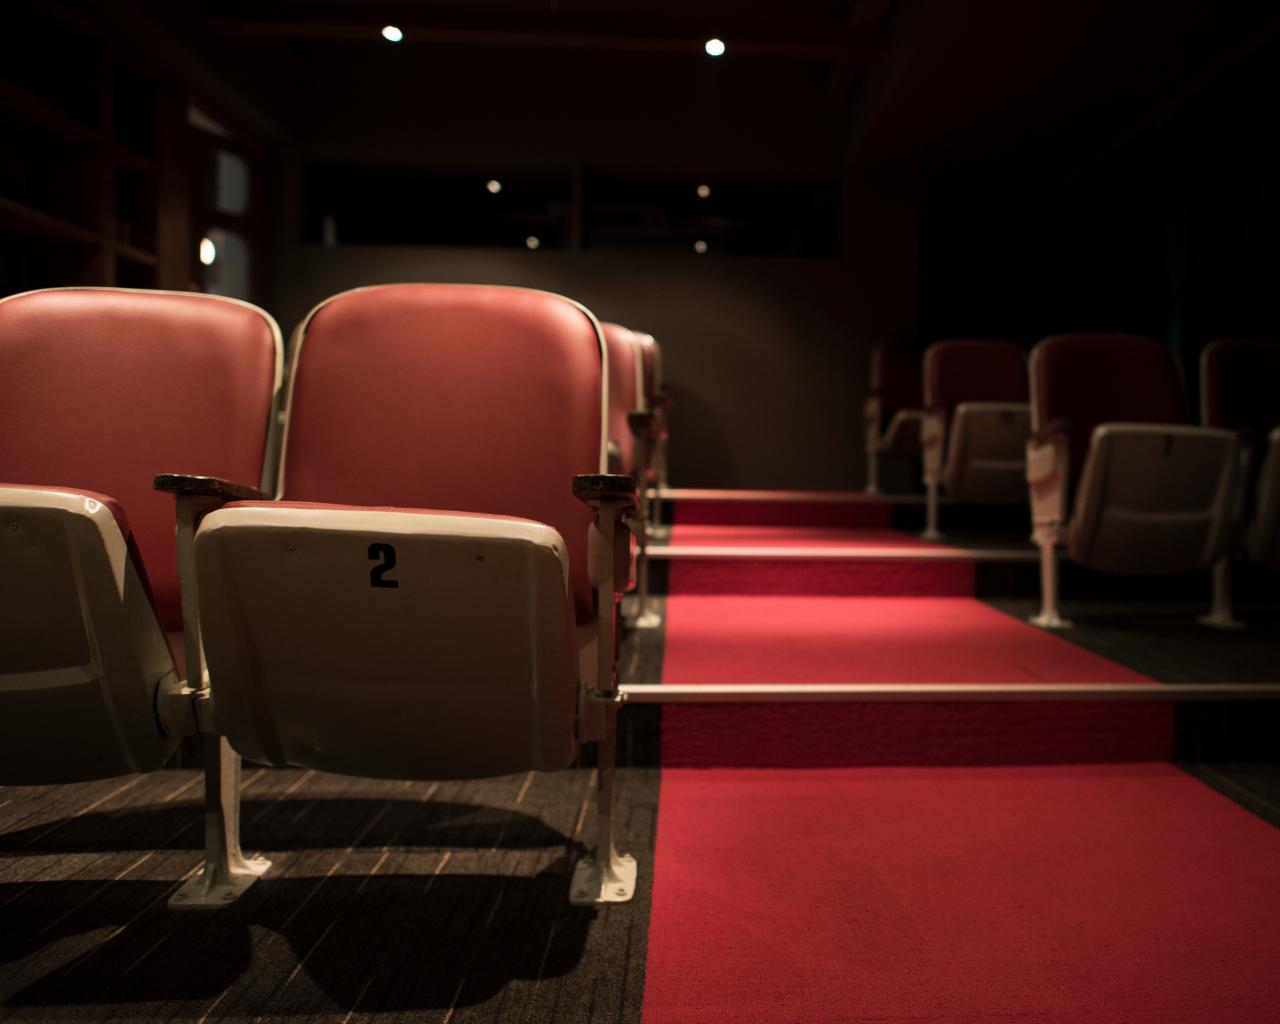 Taller de Crítica Cinematográfica busca impulsar formación de audiencias